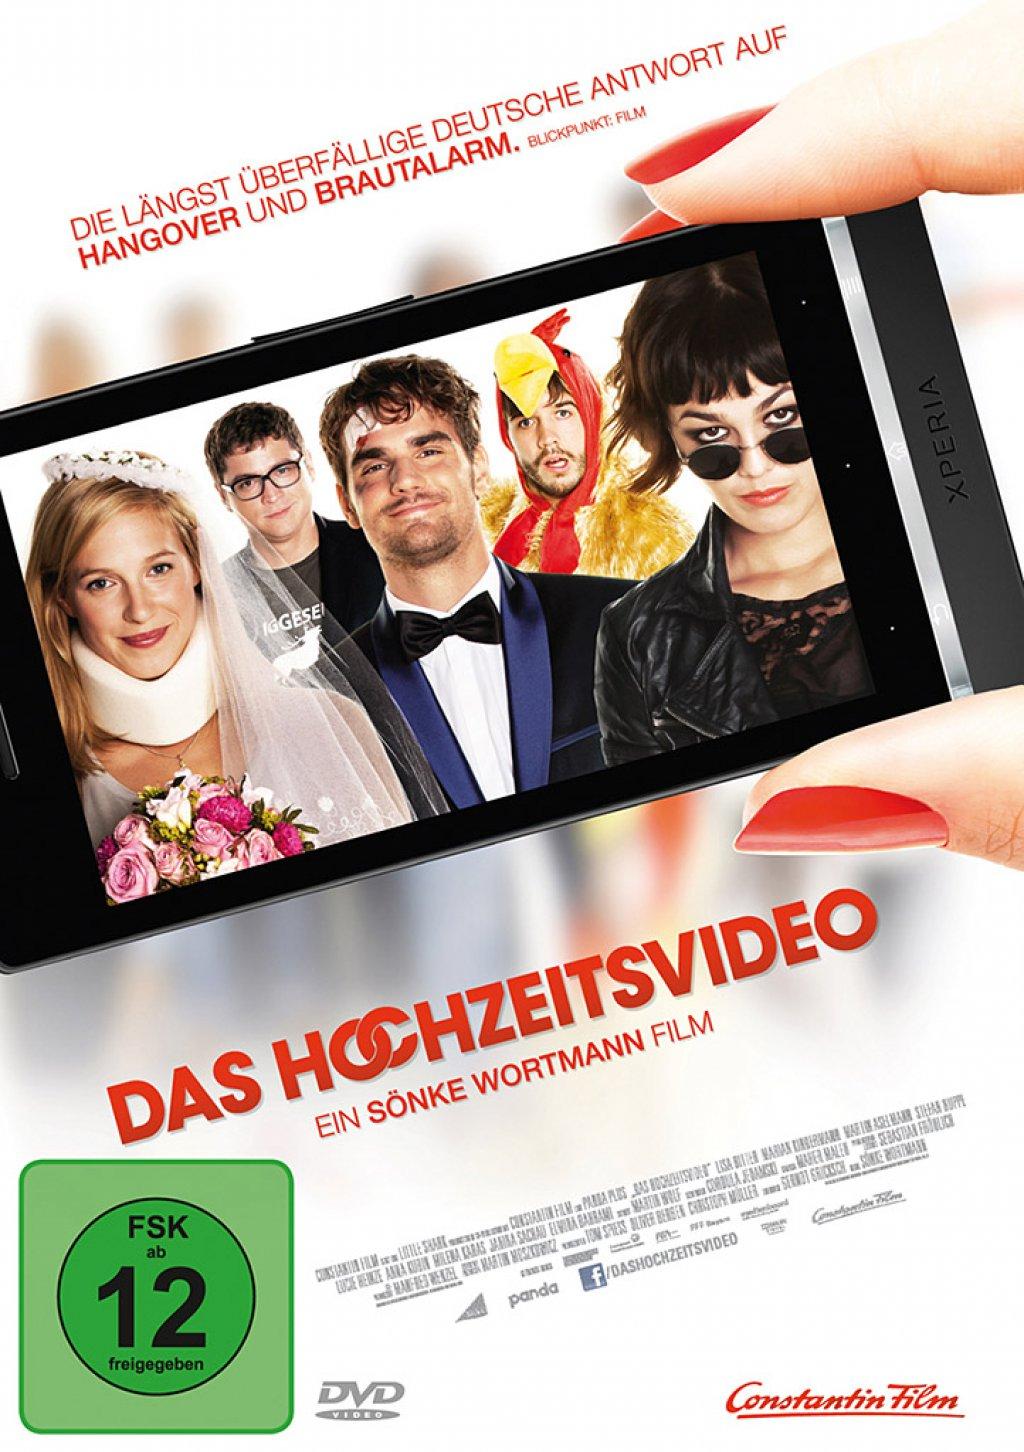 Das Hochzeitsvideo (DVD)